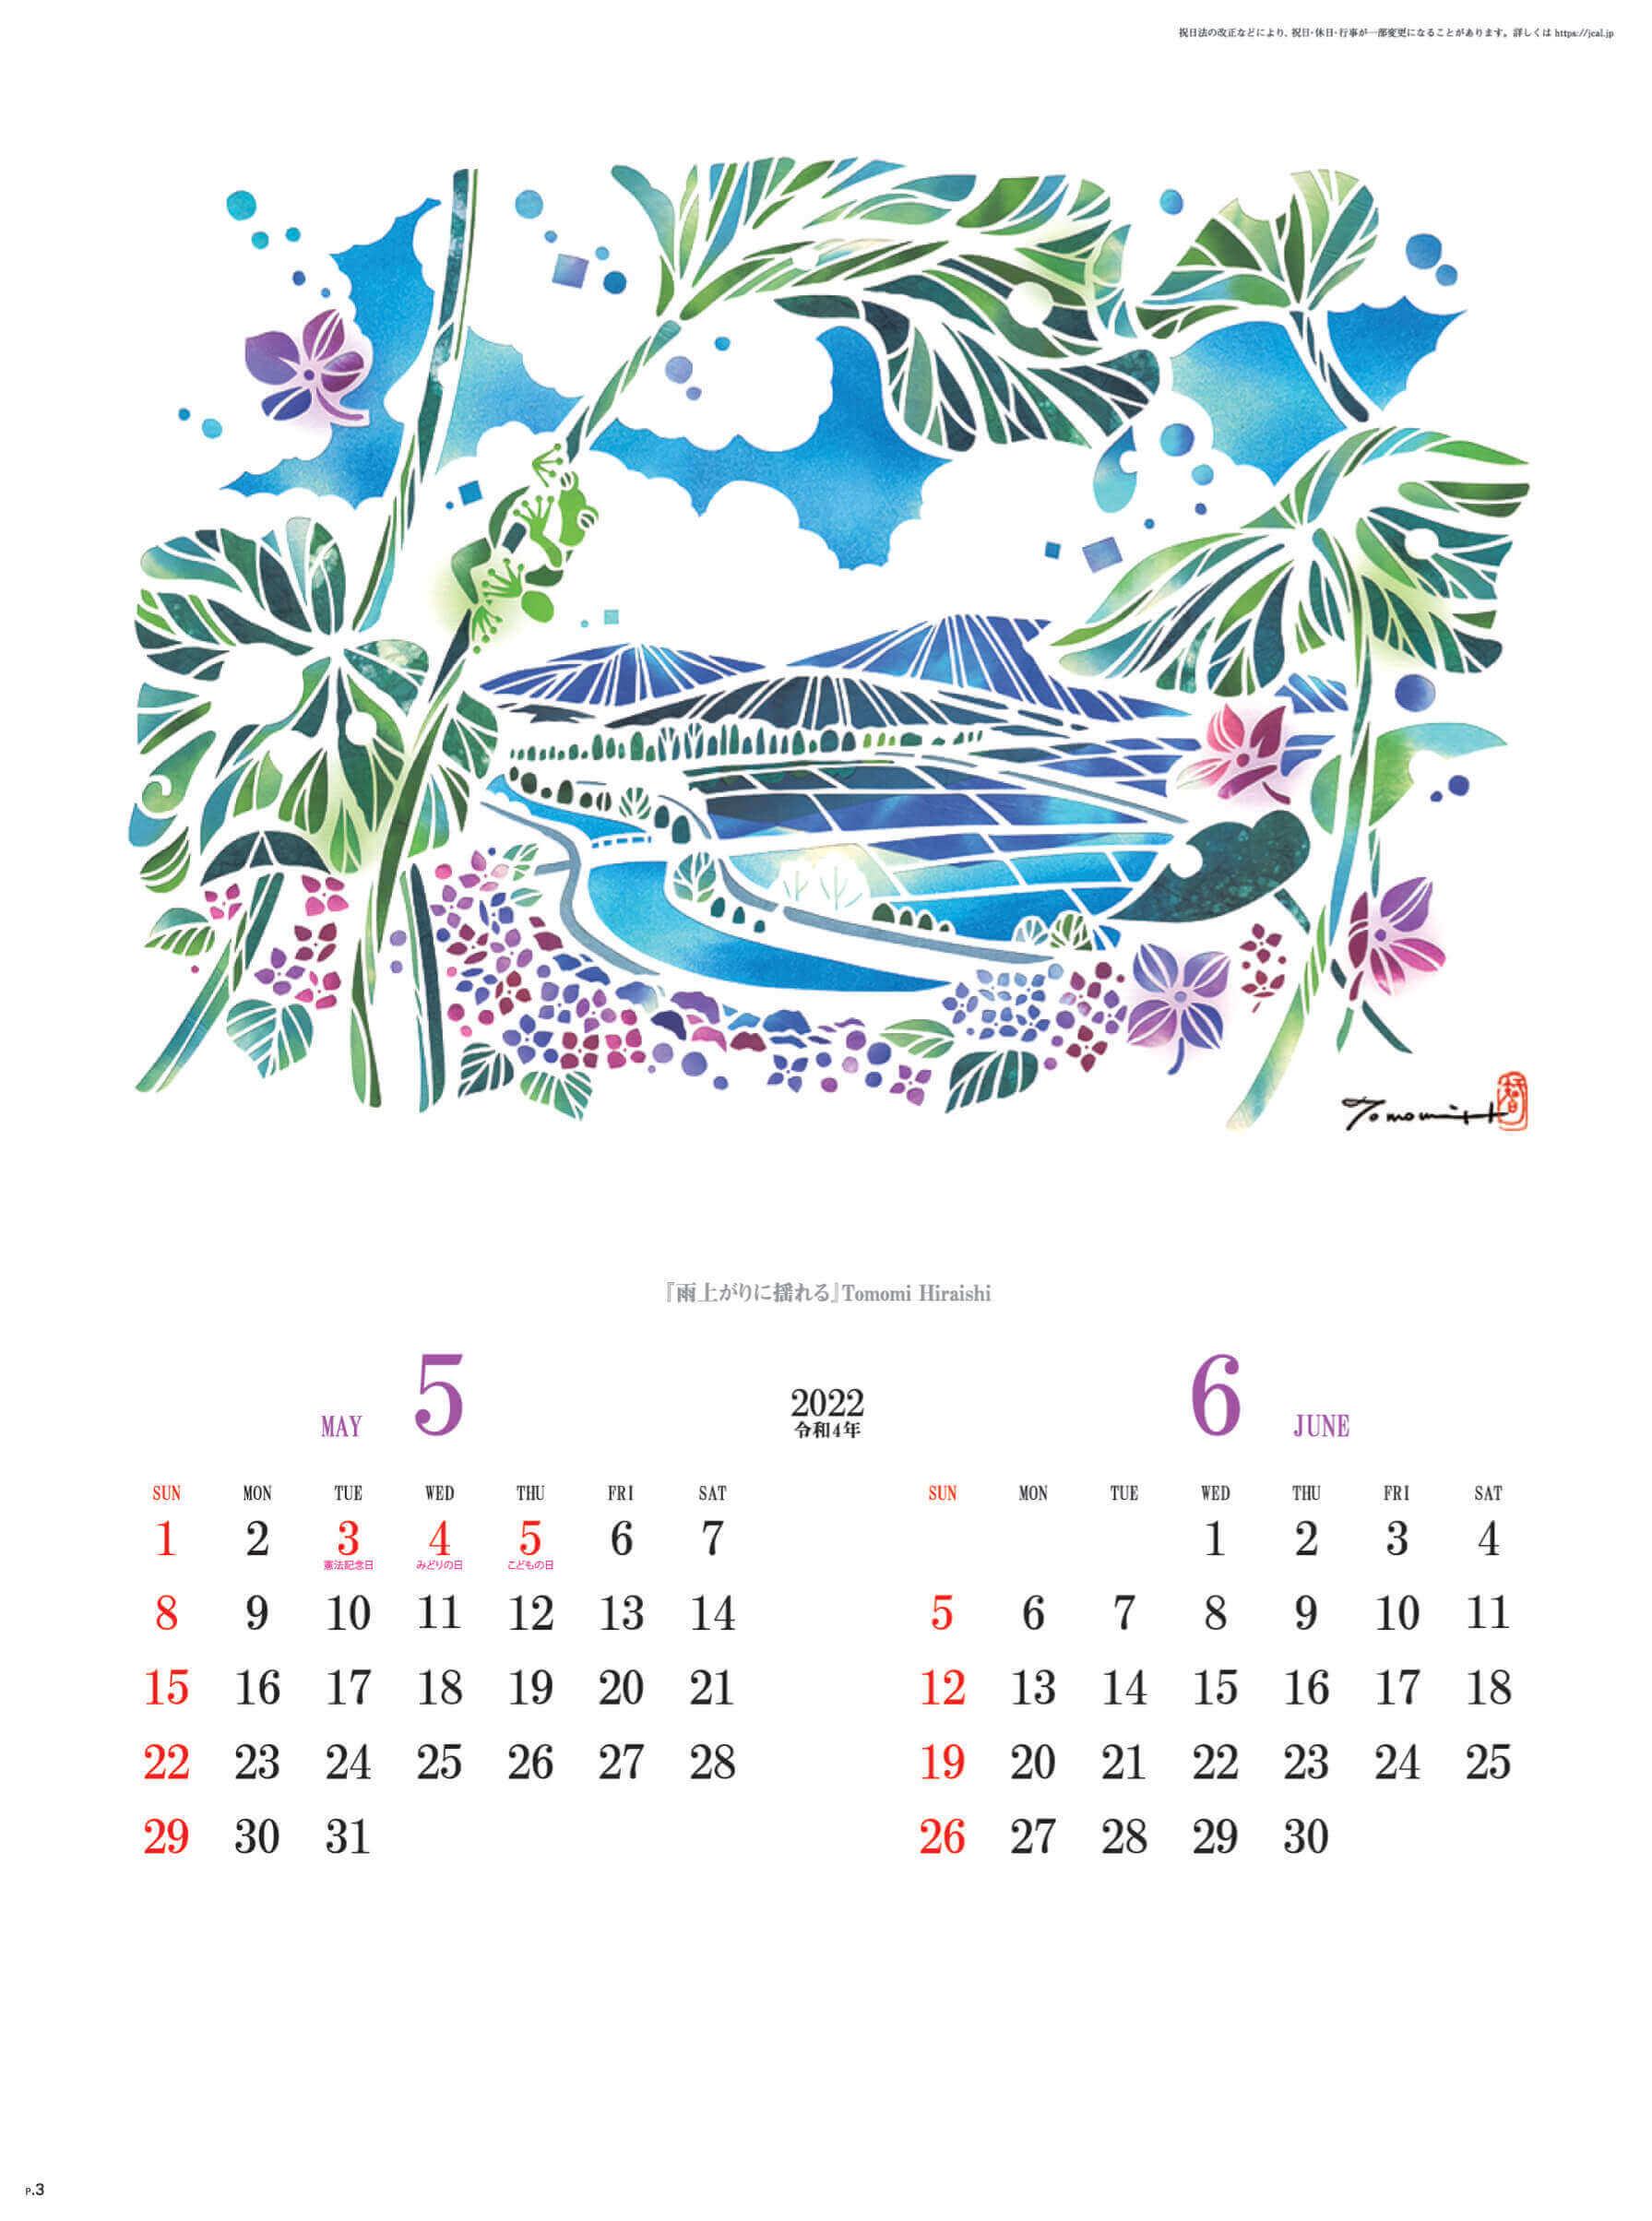 5-9月 雨上がりに揺れる 切り絵の世界・平石智美作品集 2022年カレンダーの画像